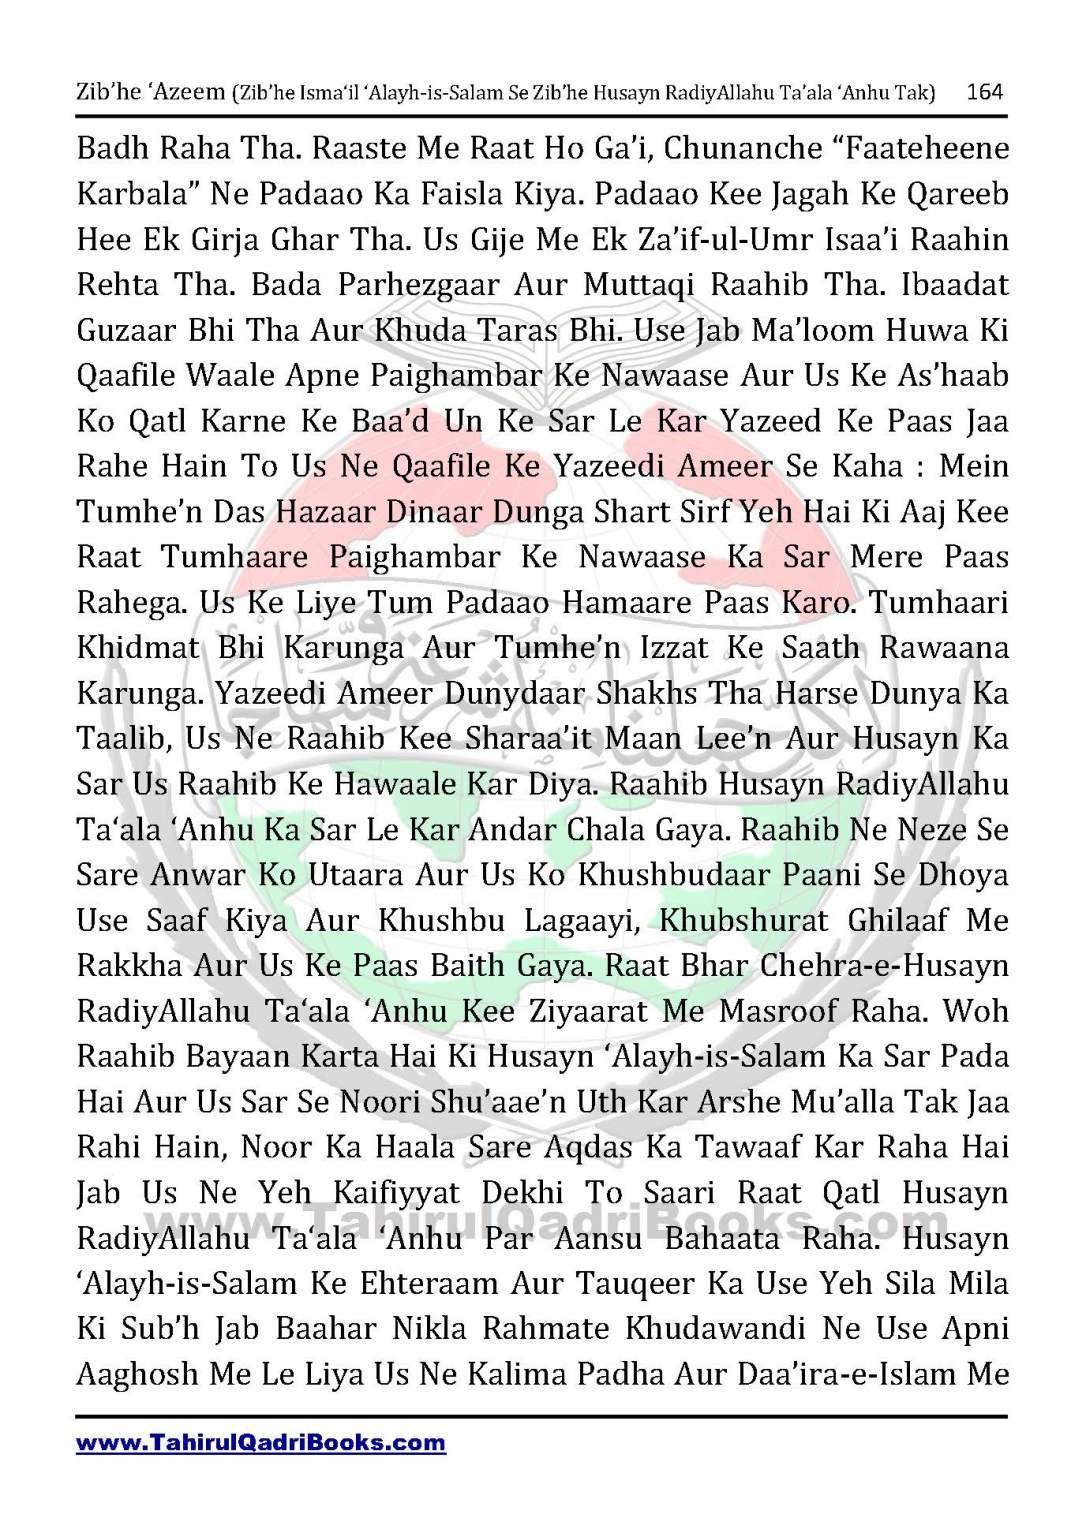 zib_he-e28098azeem-zib_he-ismacabbil-se-zib_he-husayn-tak-in-roman-urdu-unlocked_Page_164